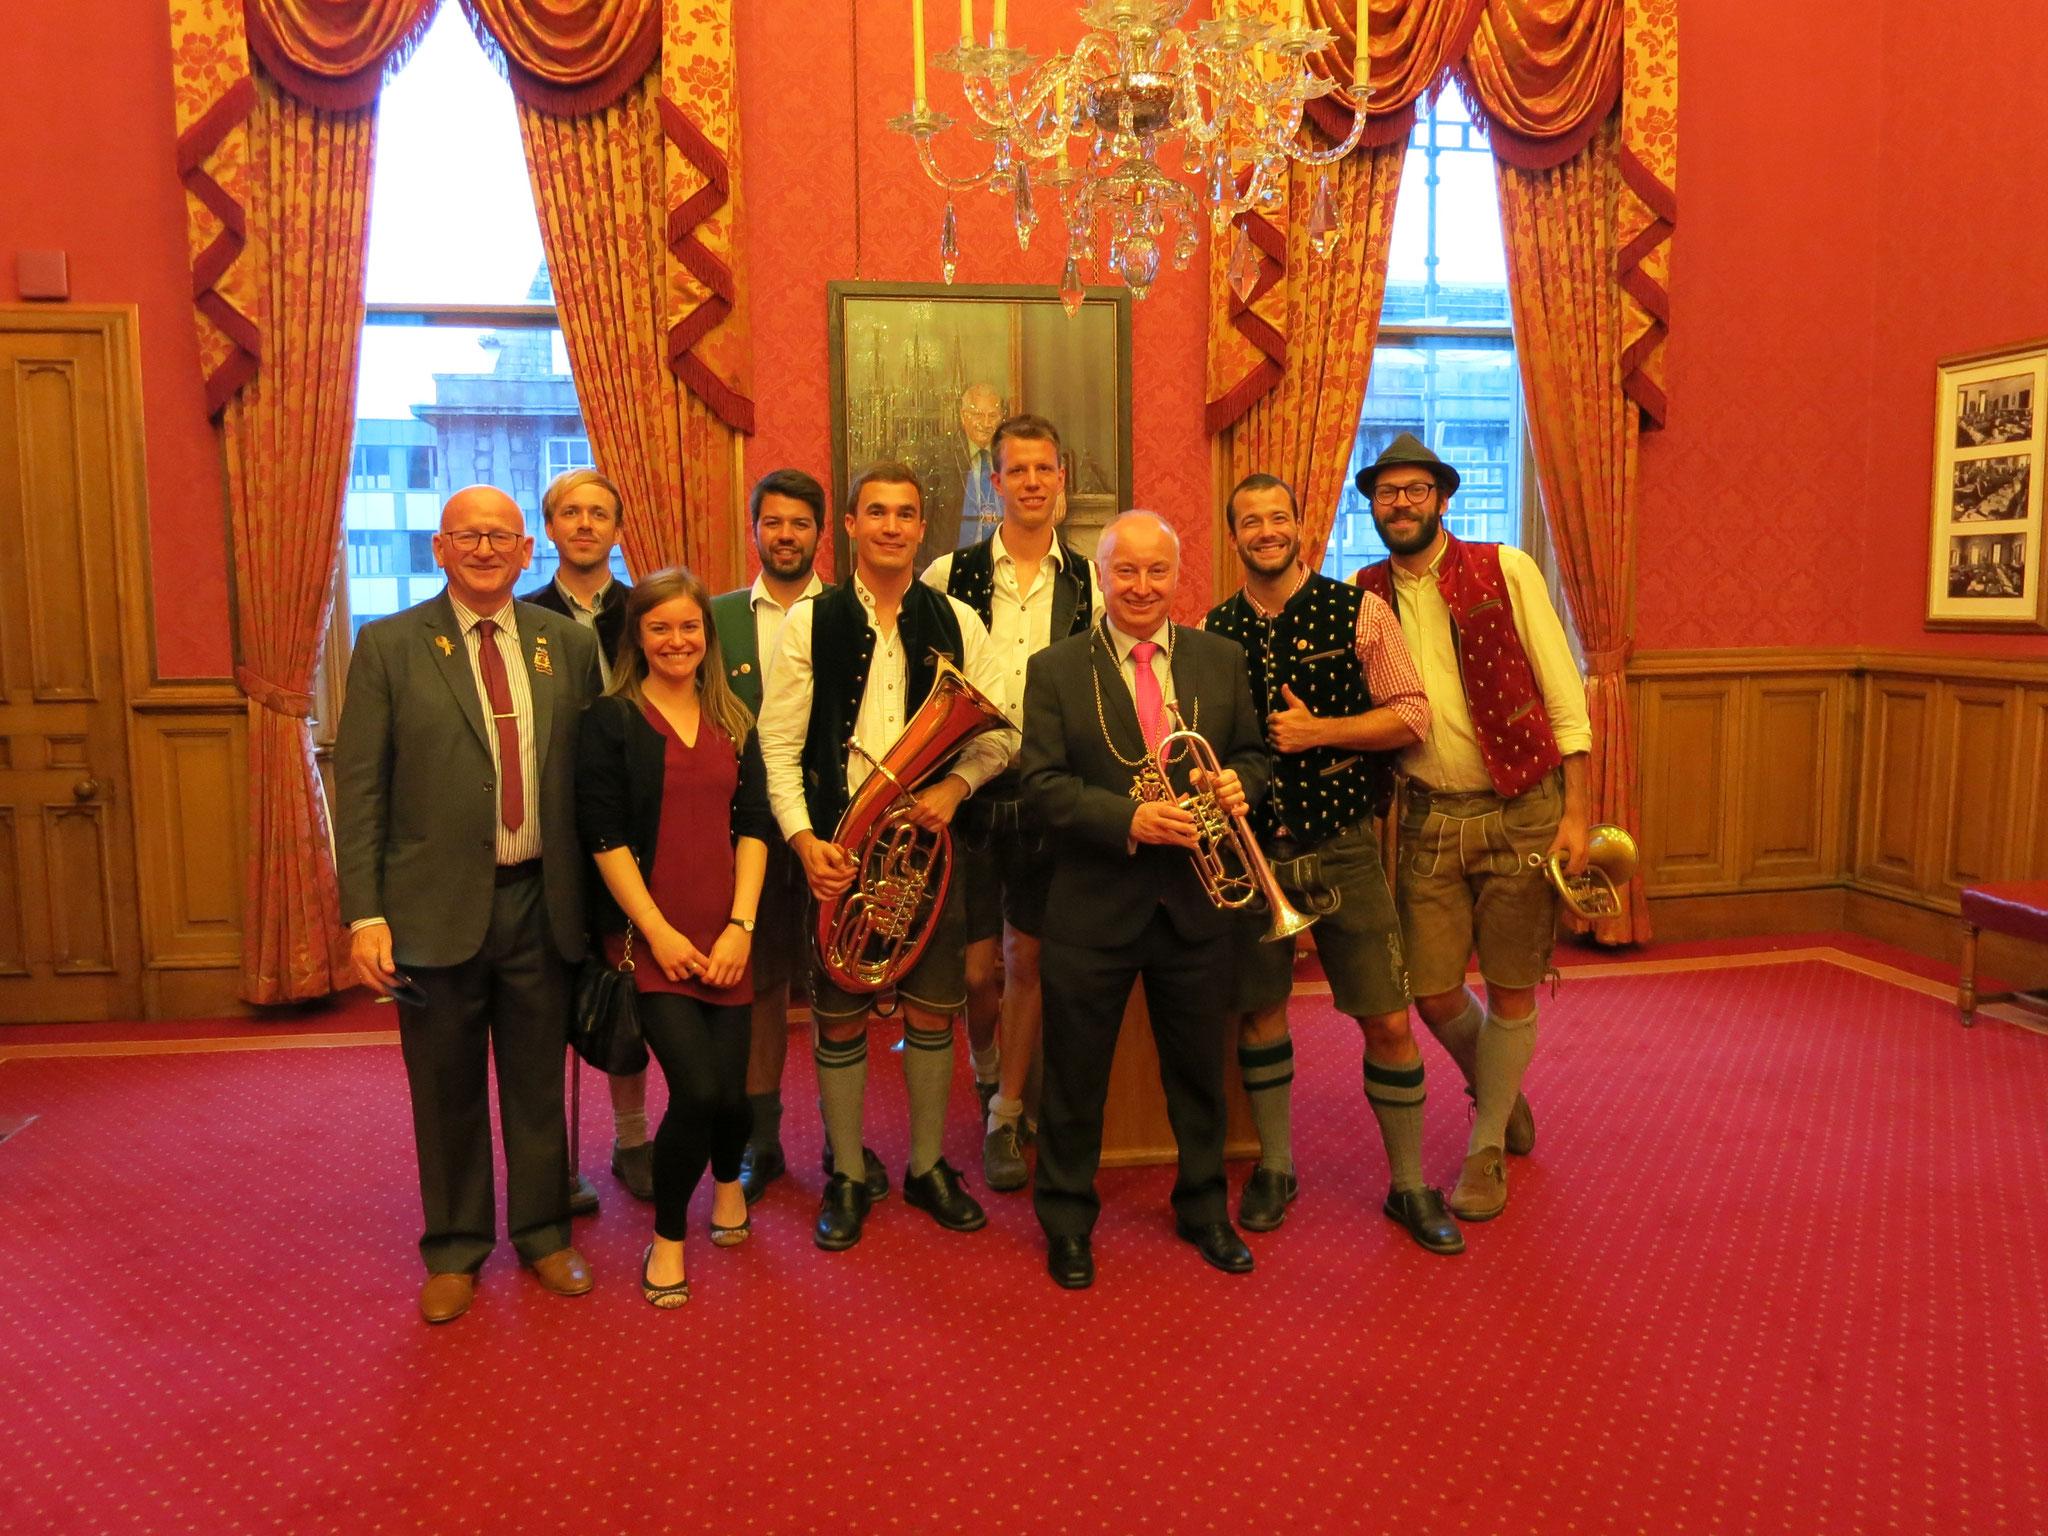 Ausflug nach Aberdeen im Rahmen der Städtepartnerschaft